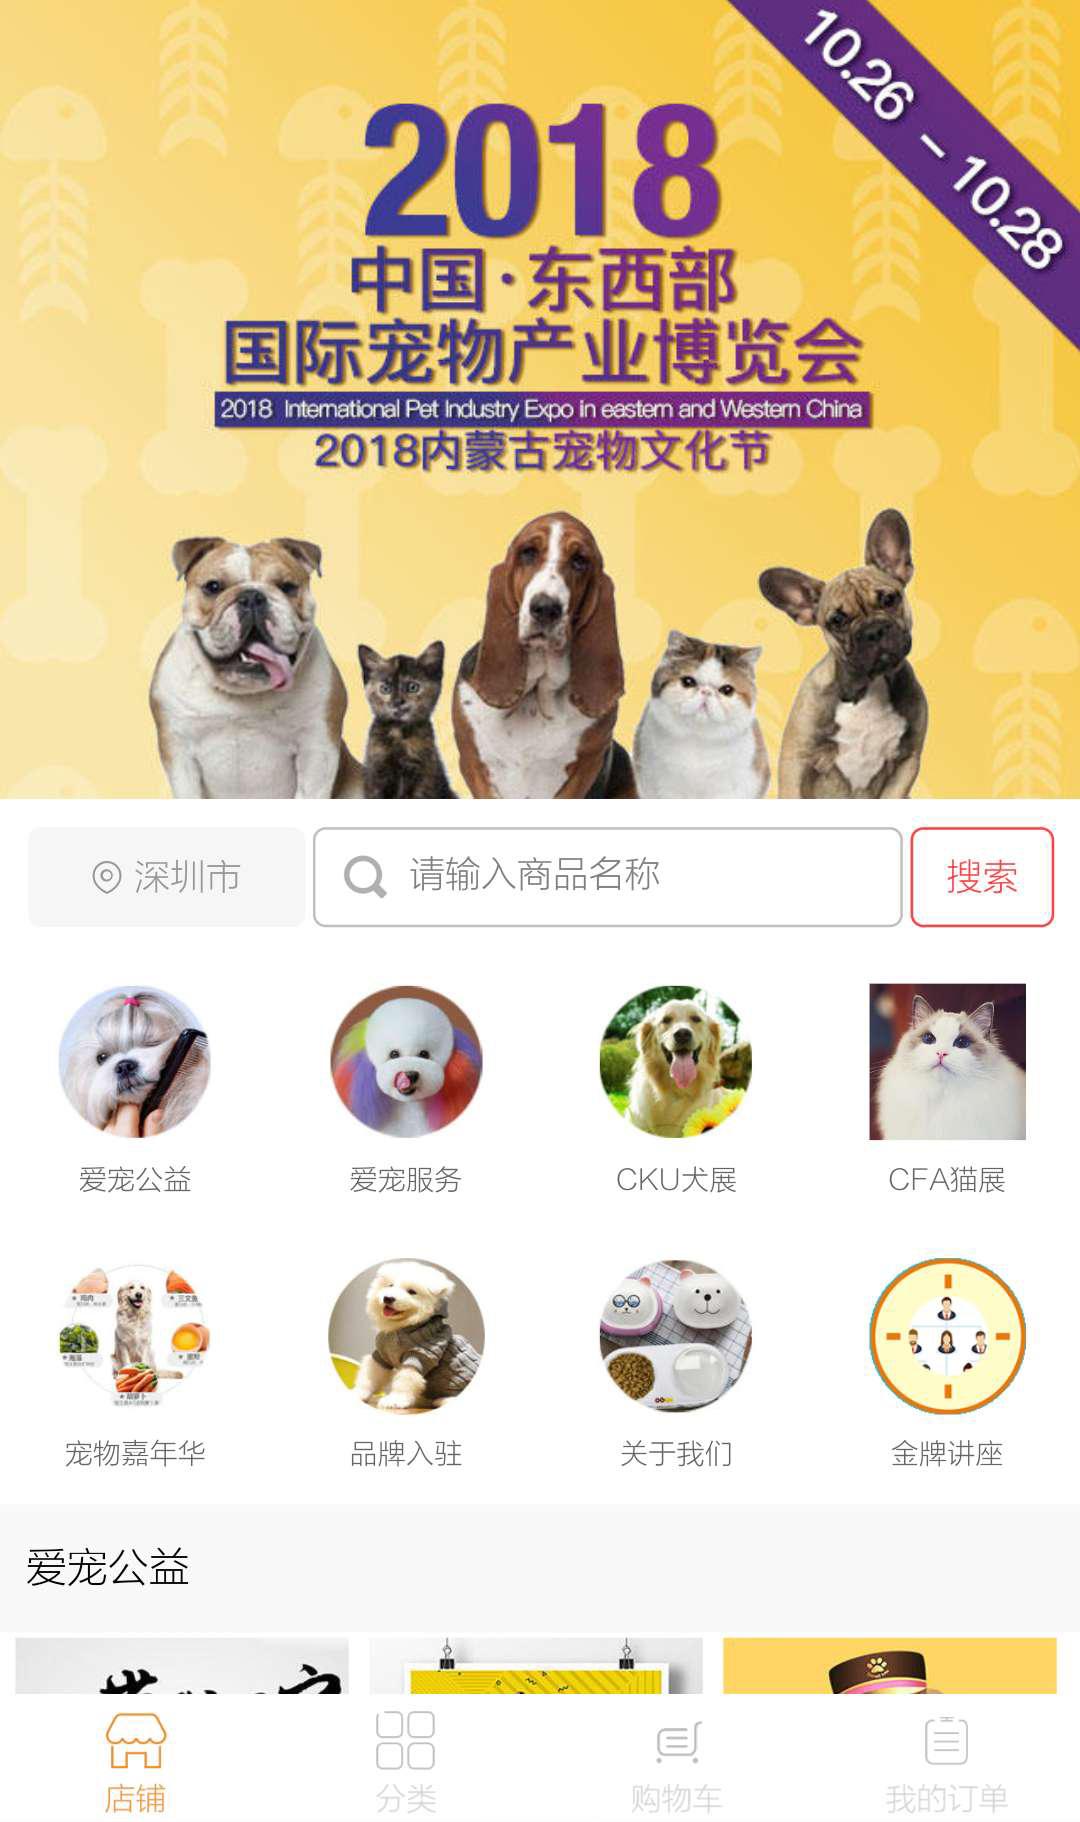 微信东西部国际宠物展小程序效果图预览